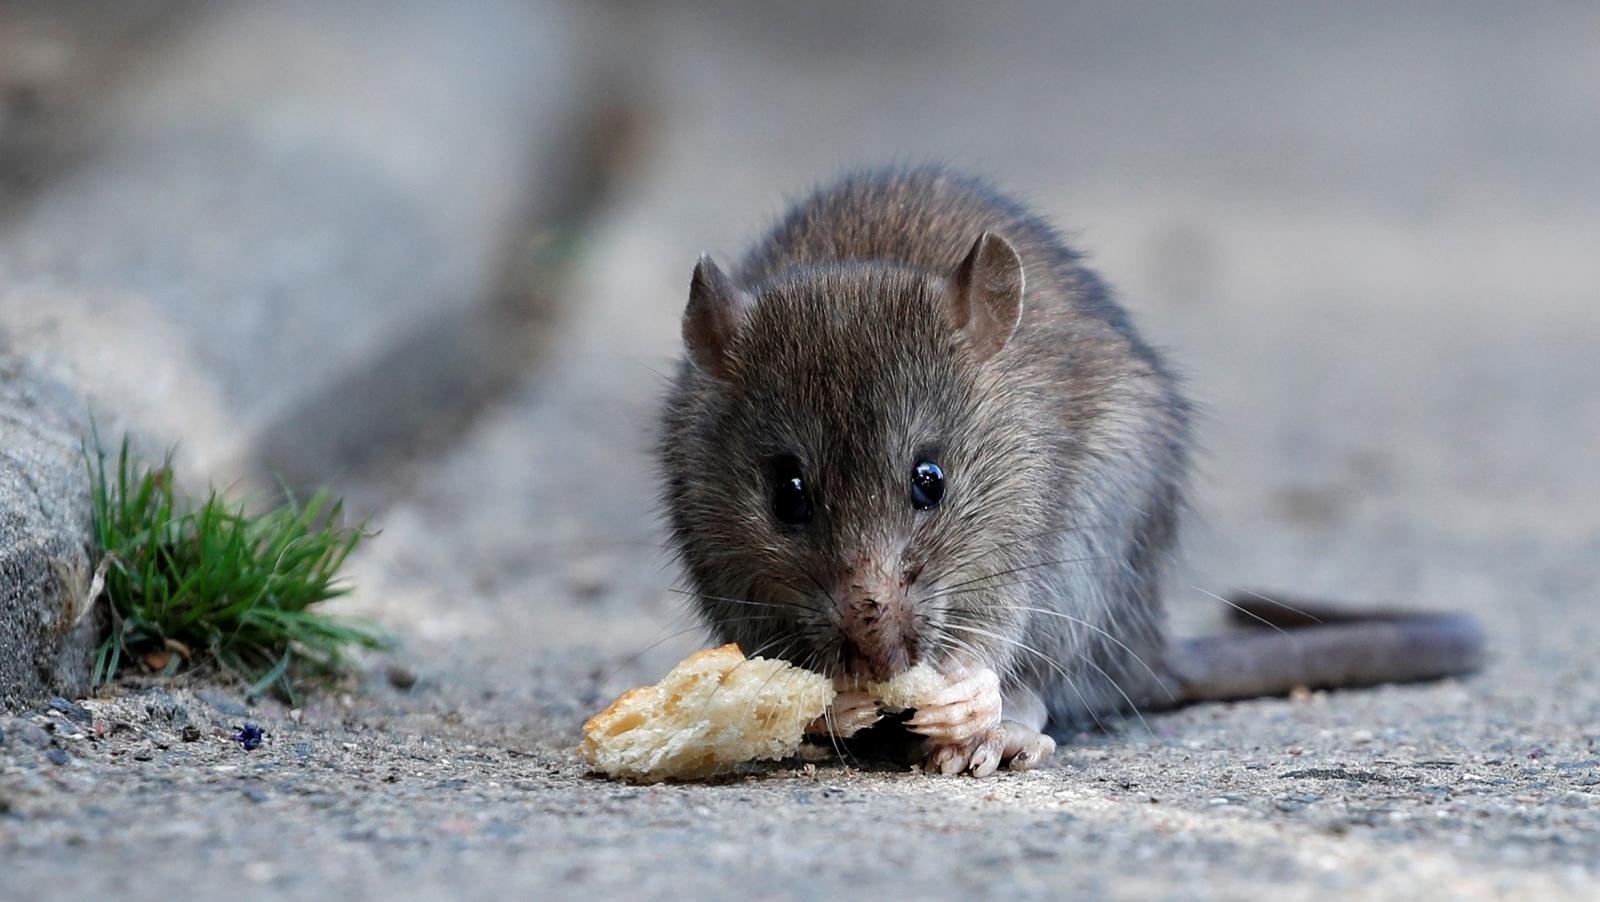 Rat eating